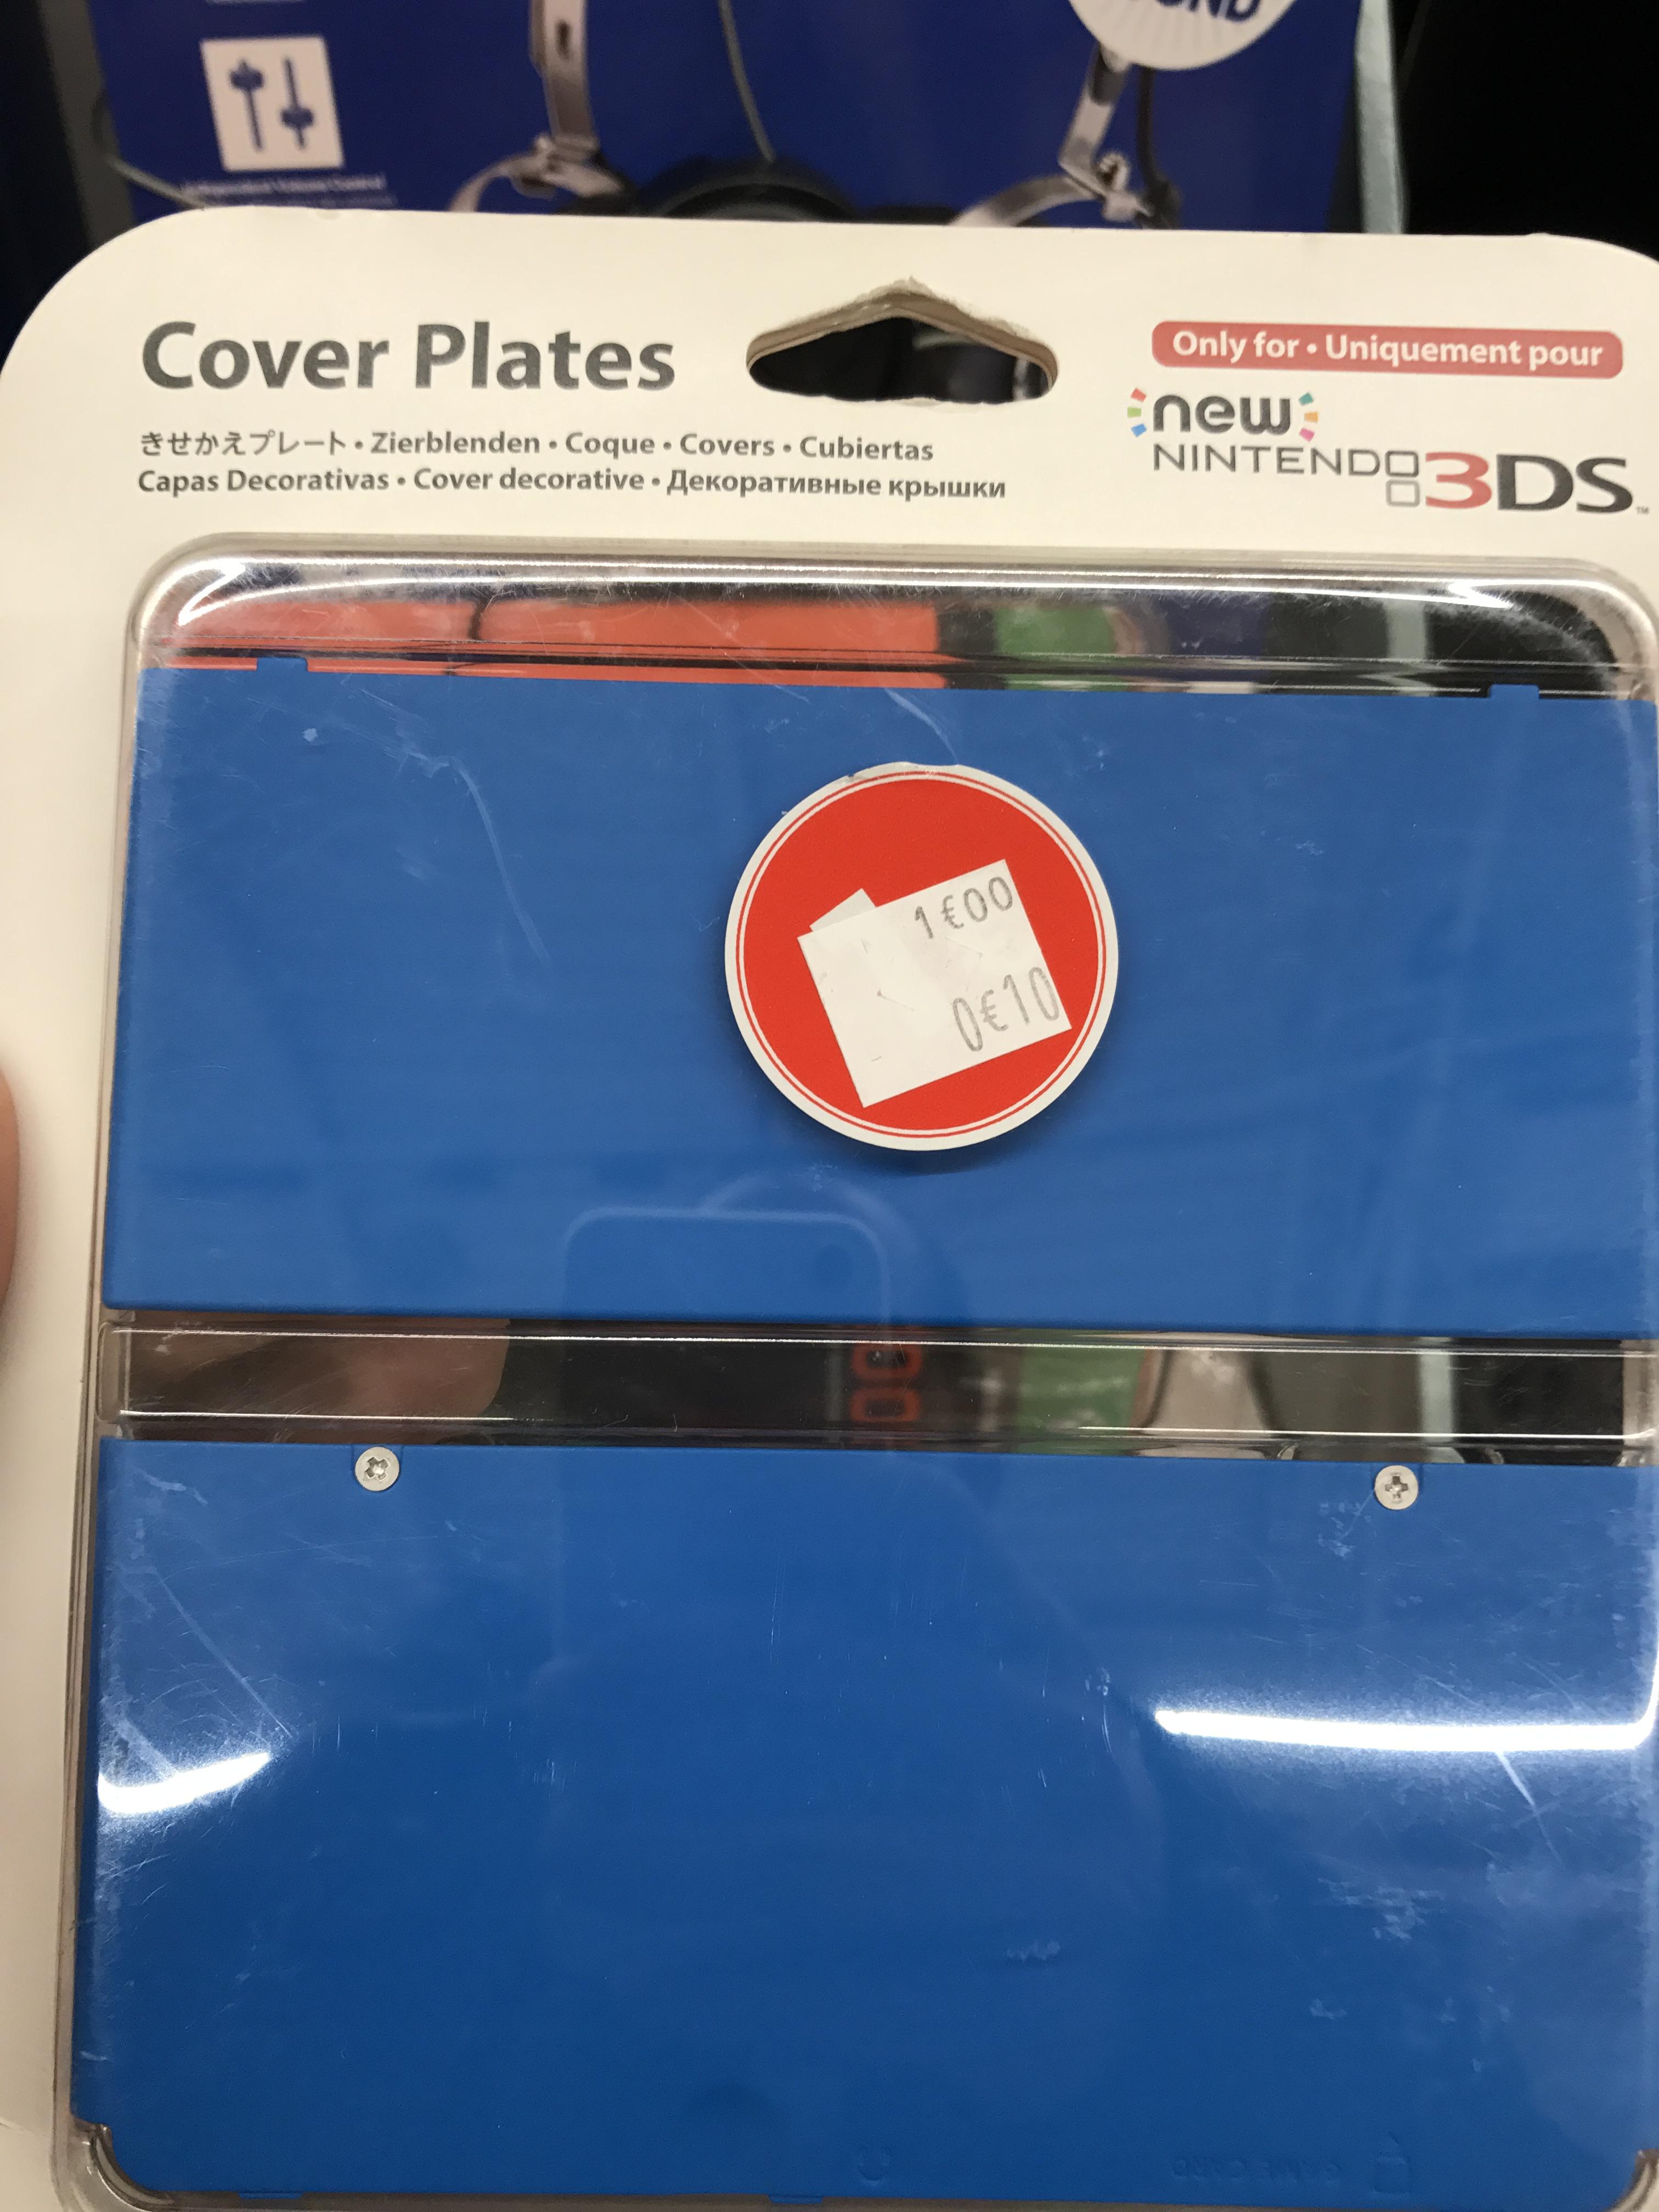 Coque de protection pour console Nintendo New 3DS - Gennevilliers (92)